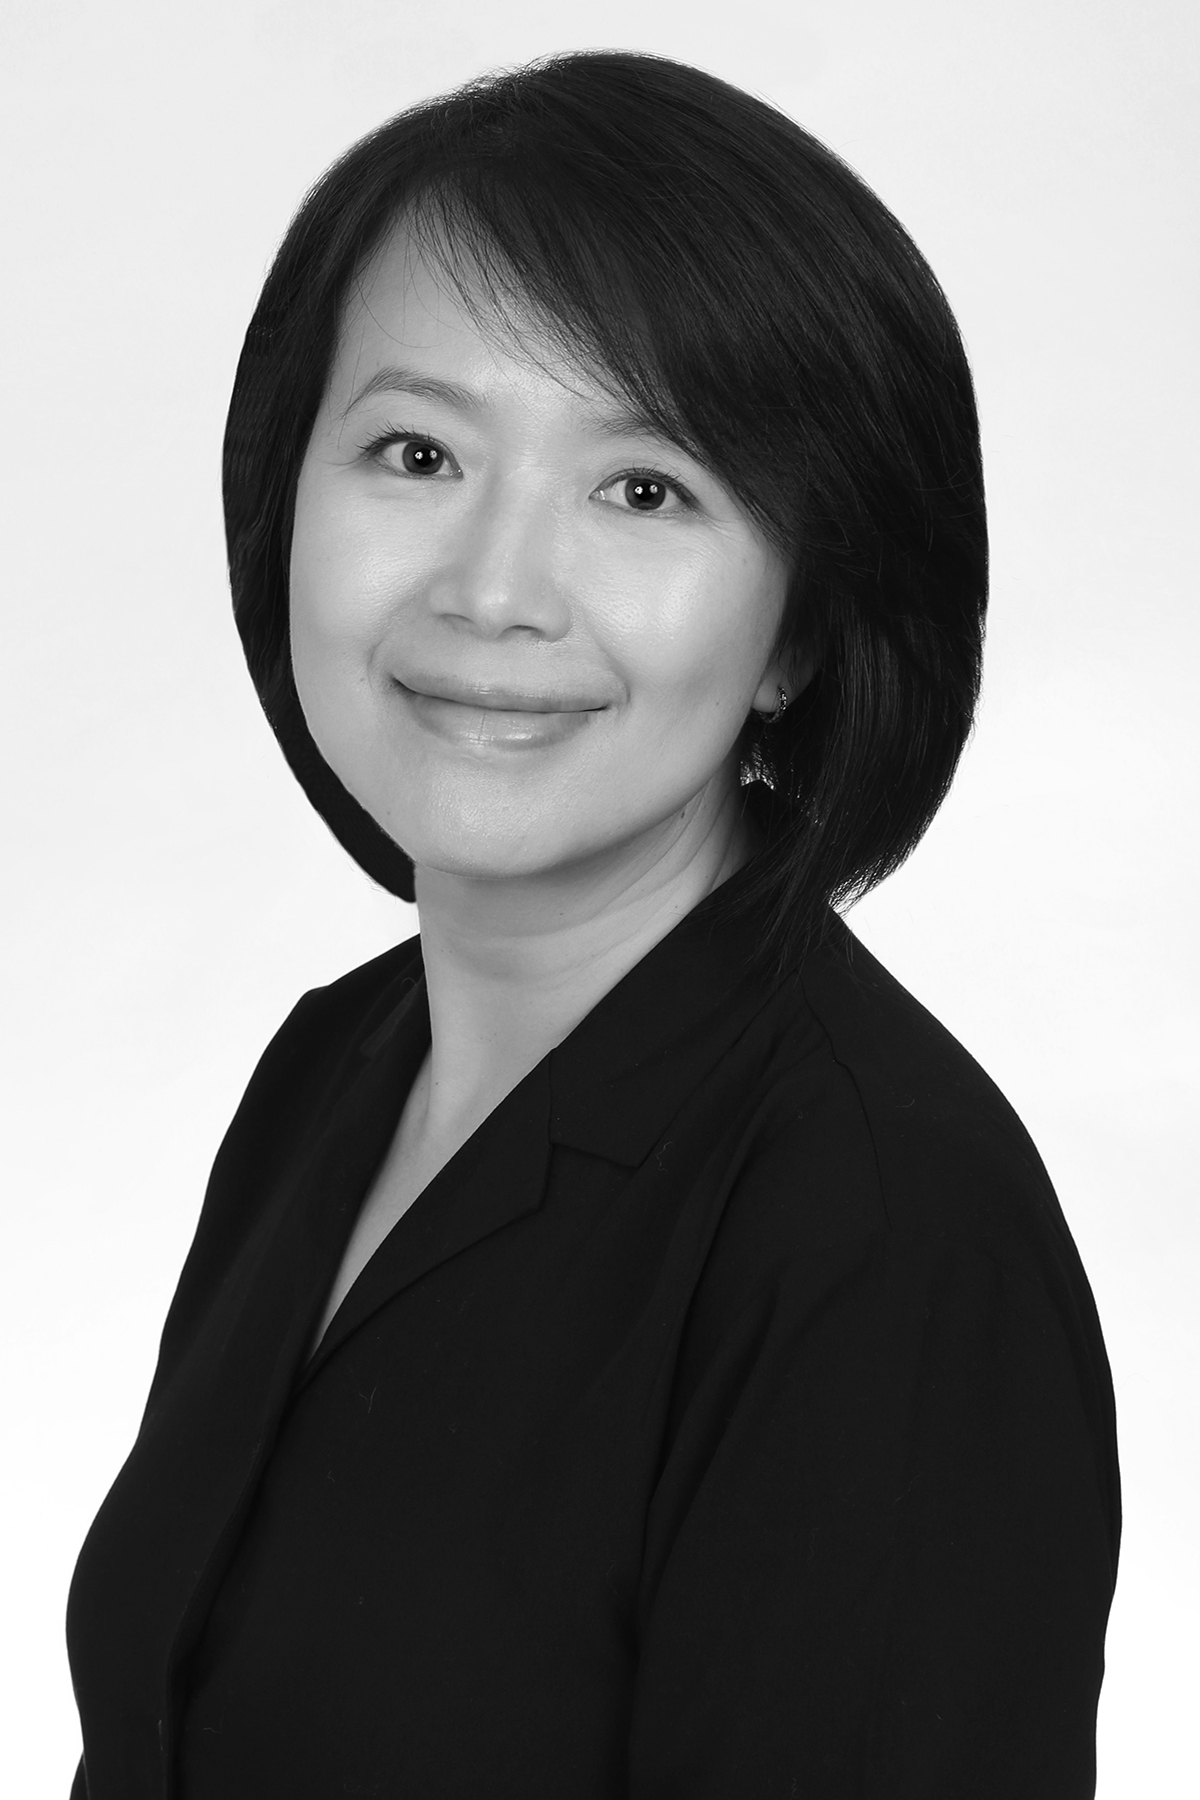 Eileen Fan